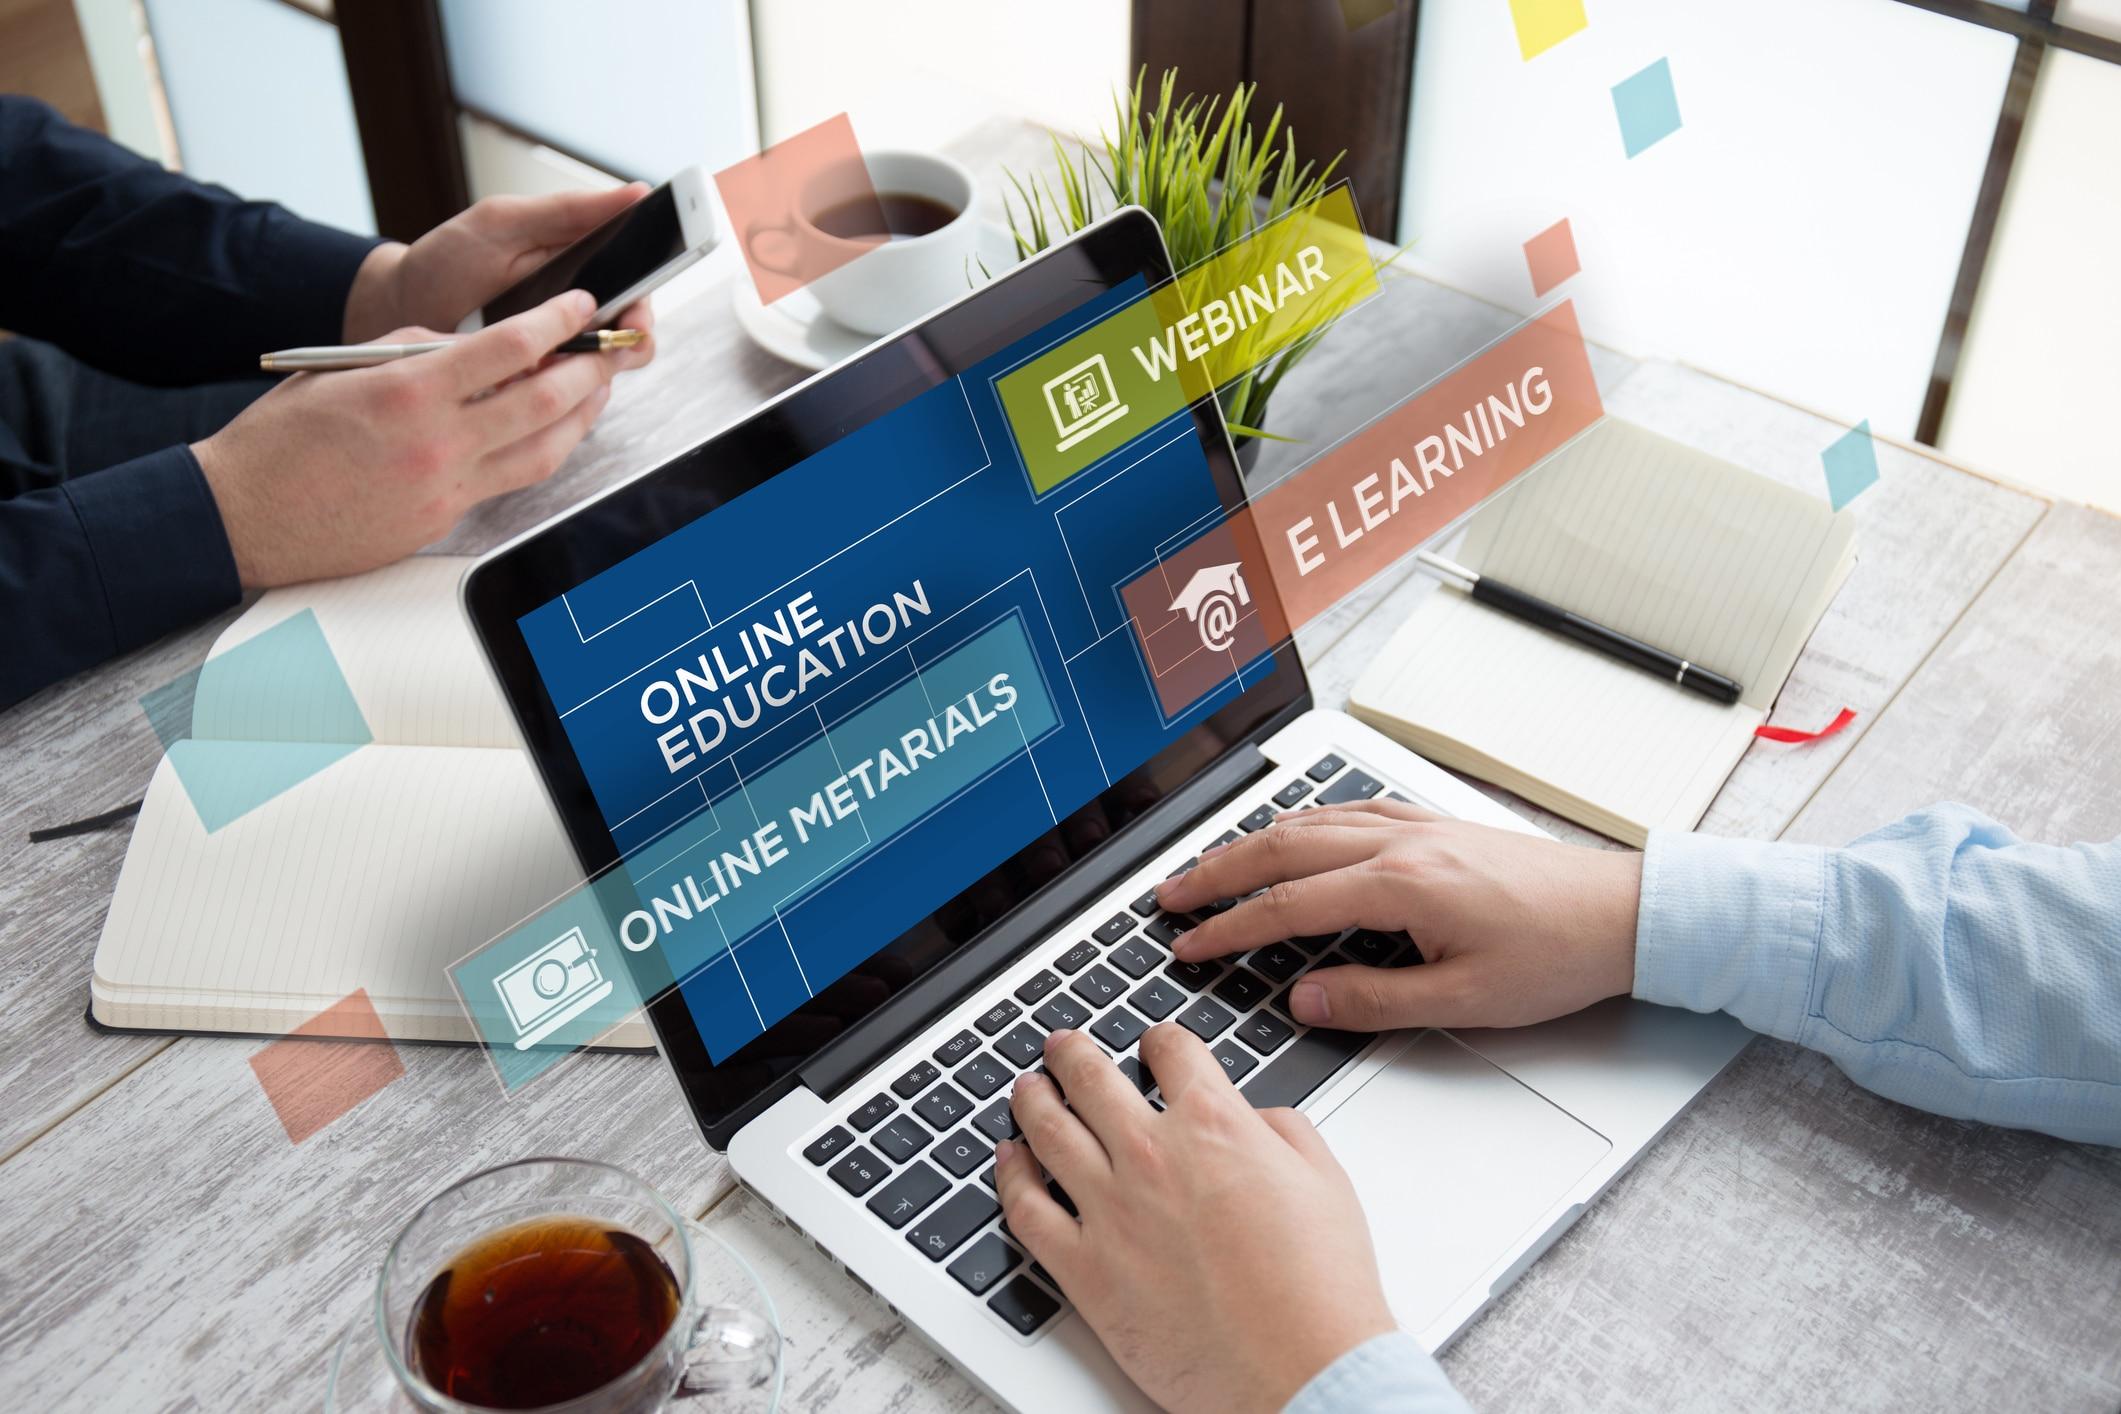 cursos online con descuento Cursos online con descuento cursos online descuento